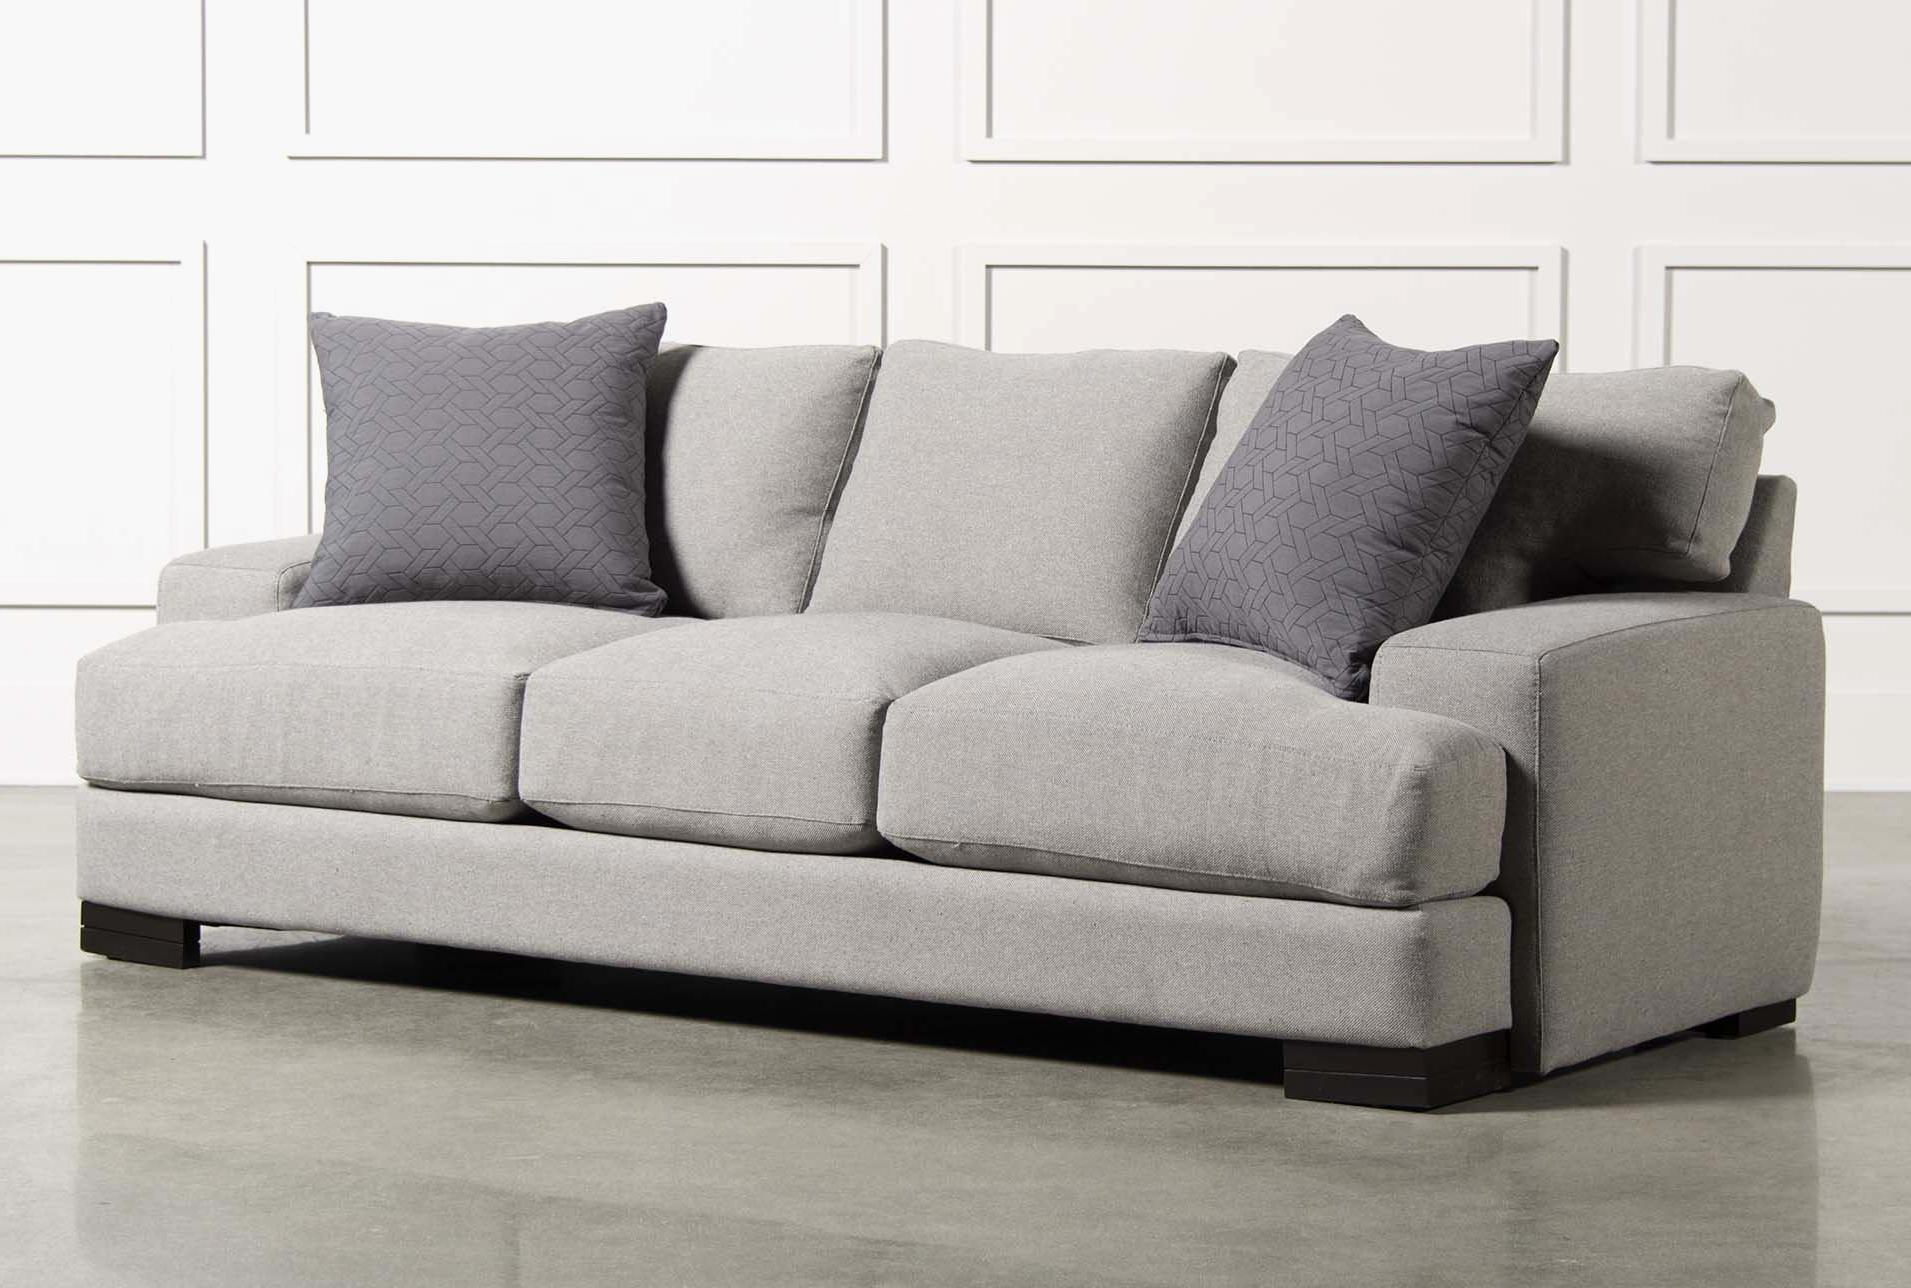 Sofas Modulares Conforama Nkde sofas Modulares Conforama sofa Chaise Longue Cama Proyecto Debido A